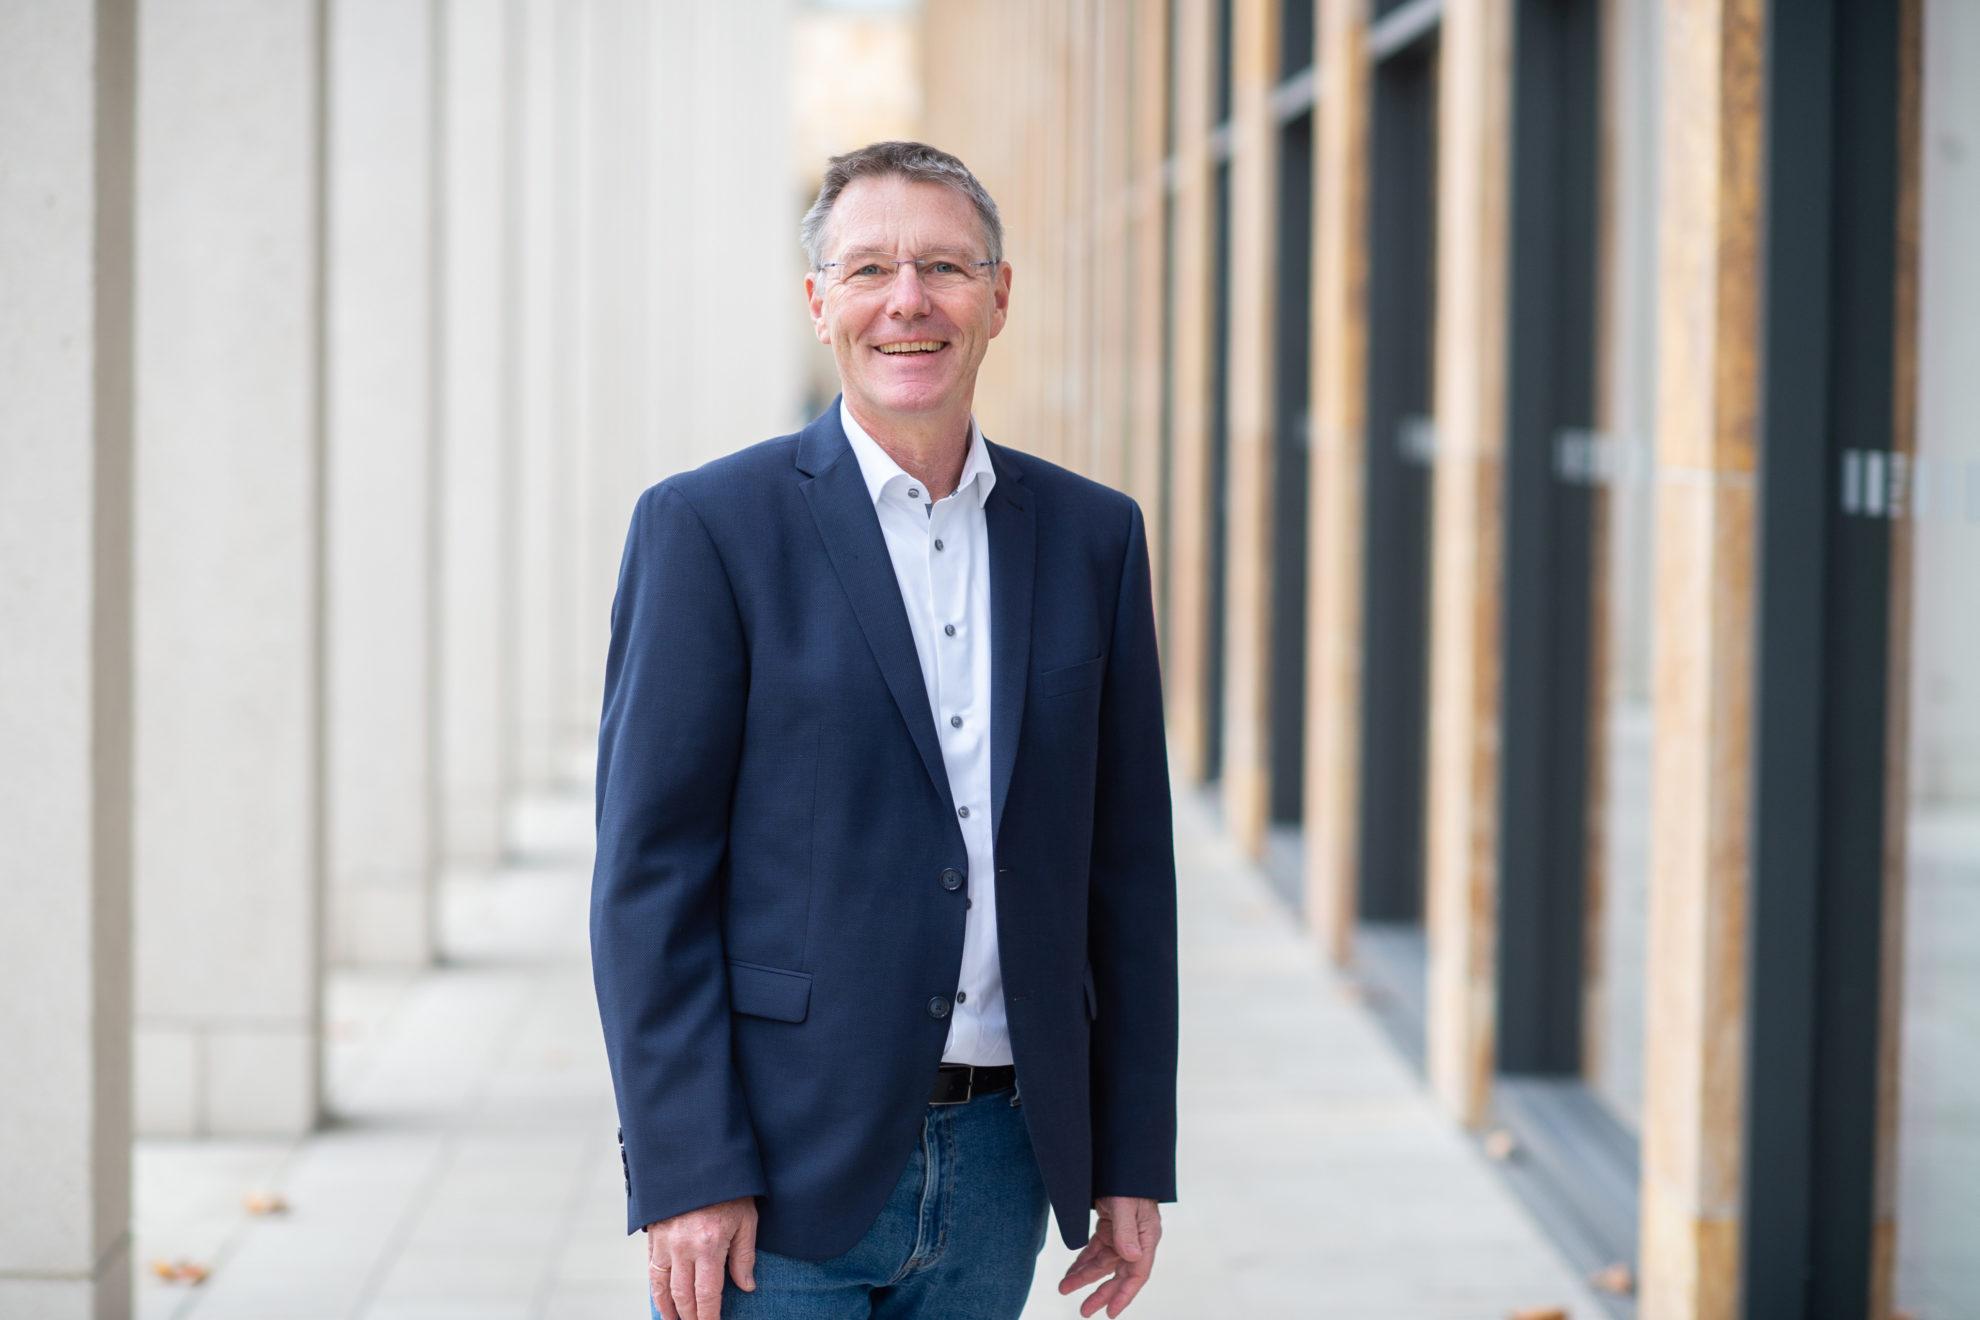 Wolfgang Schmidt, Kandidat für die Wahl zur Stadtverordnetenversammlung am 14.03.2021